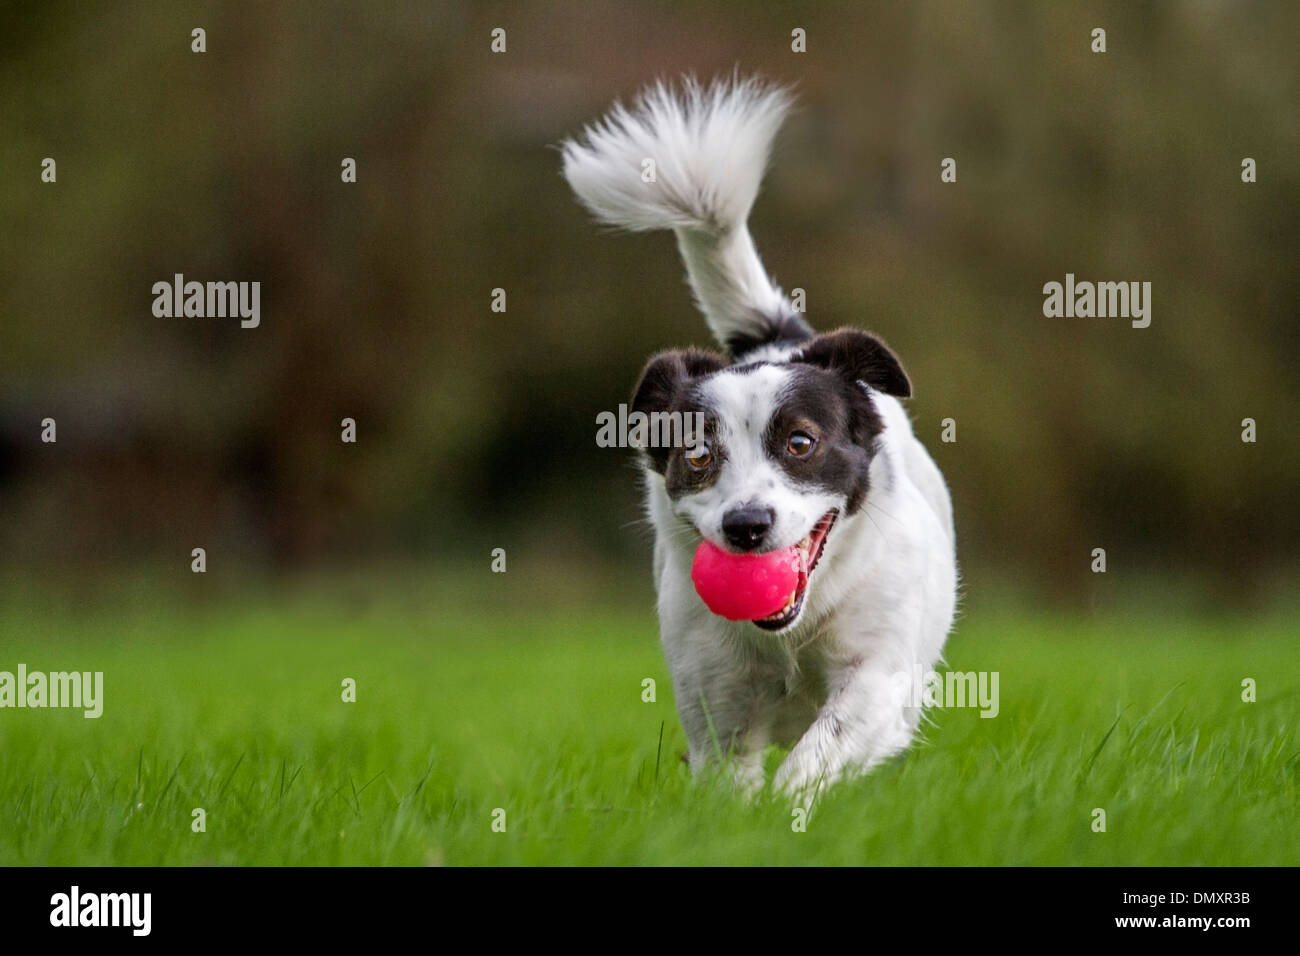 Glücklich verspielte Jack Russell Terrier Hund läuft außerhalb auf Rasen im Garten mit Ball im Mund Stockbild